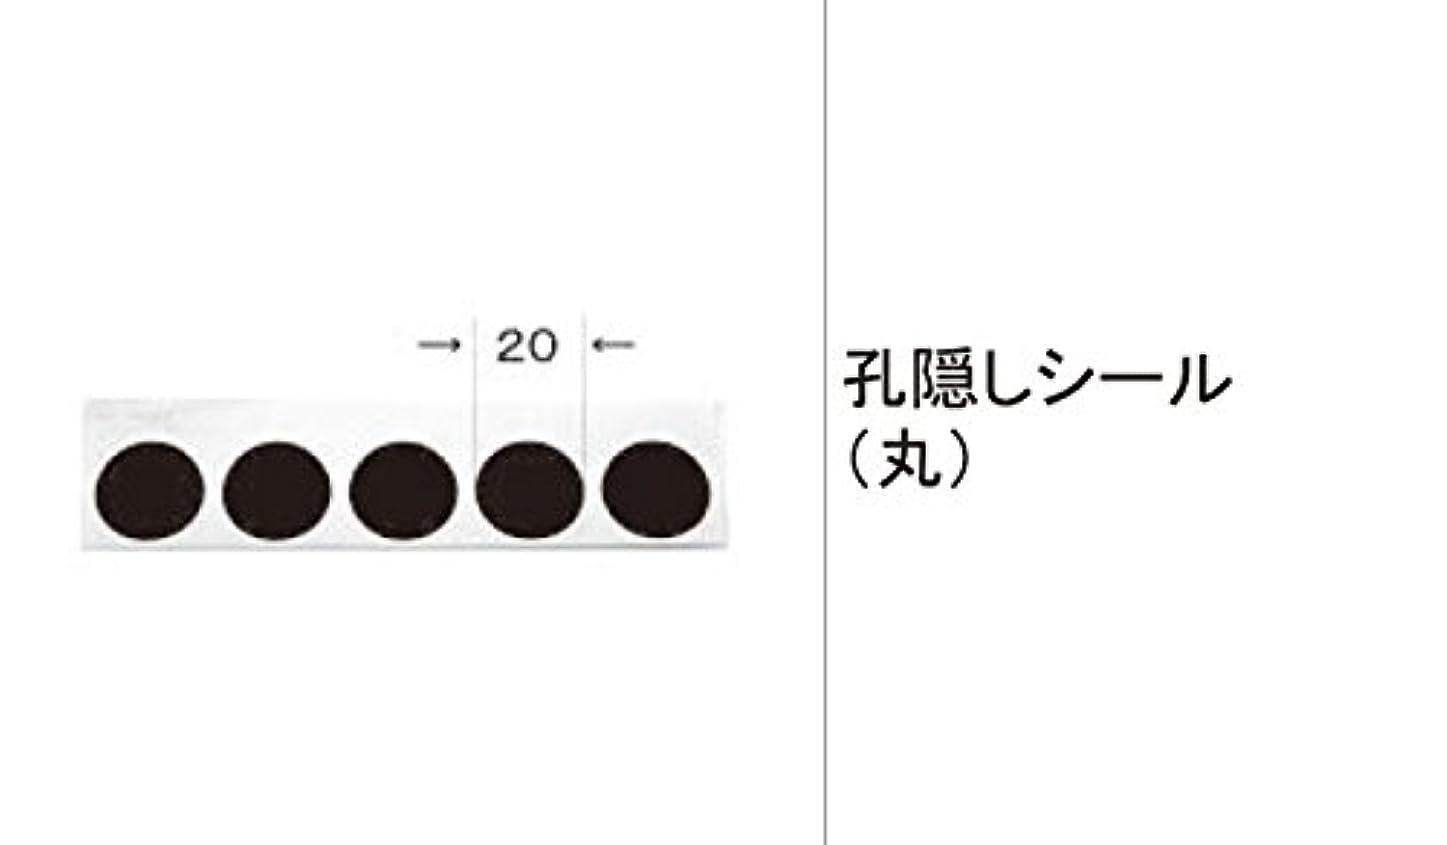 悪意のある敵対的シャンプーLIXIL部品 TOEXブランド部品 補修材 補修塗料:孔隠しシール(丸)[SSS921956] ブラック[SSS922312]